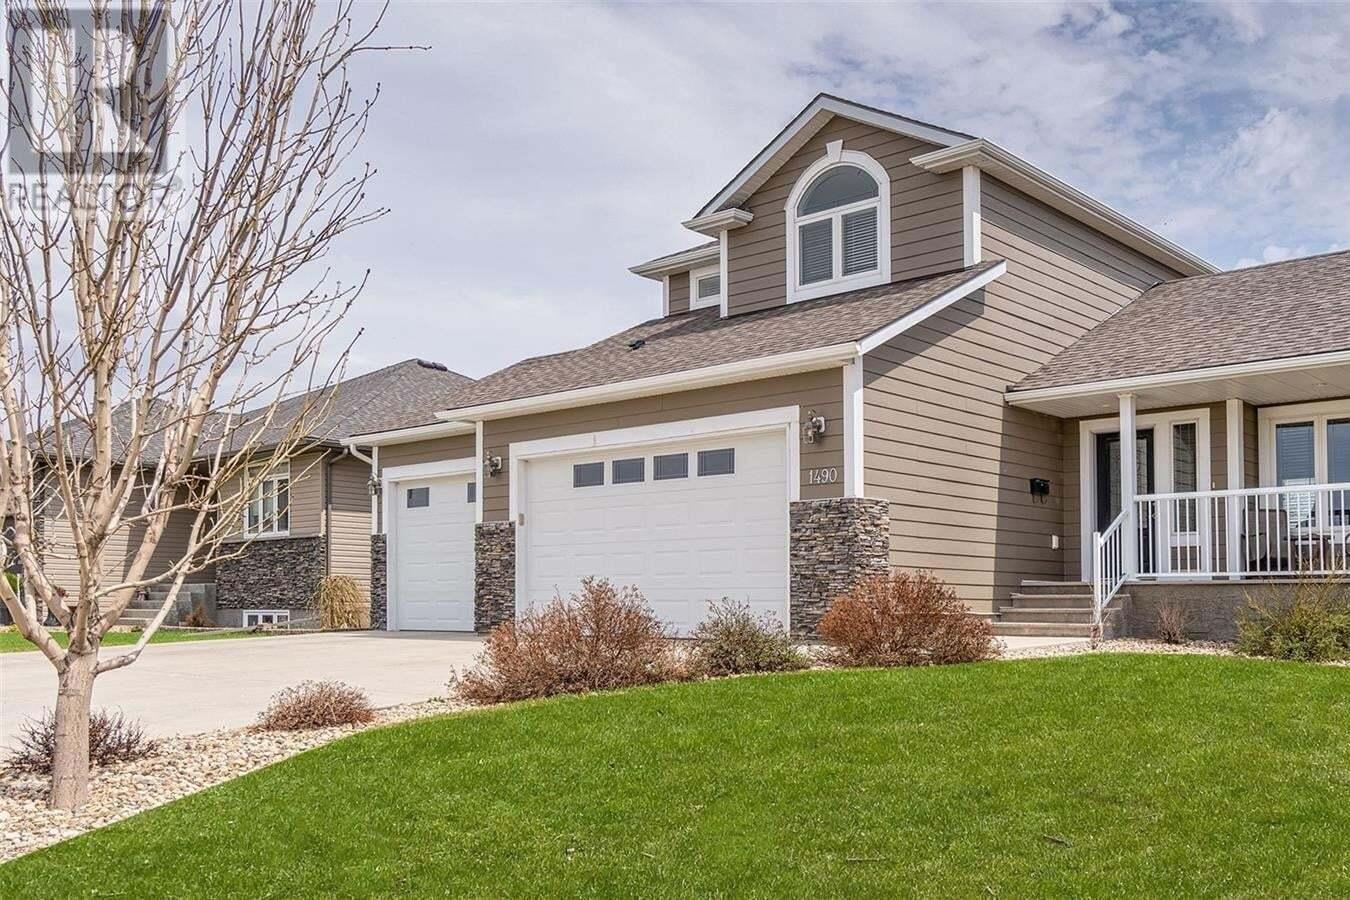 House for sale at 1490 Normandy Dr Moose Jaw Saskatchewan - MLS: SK815266